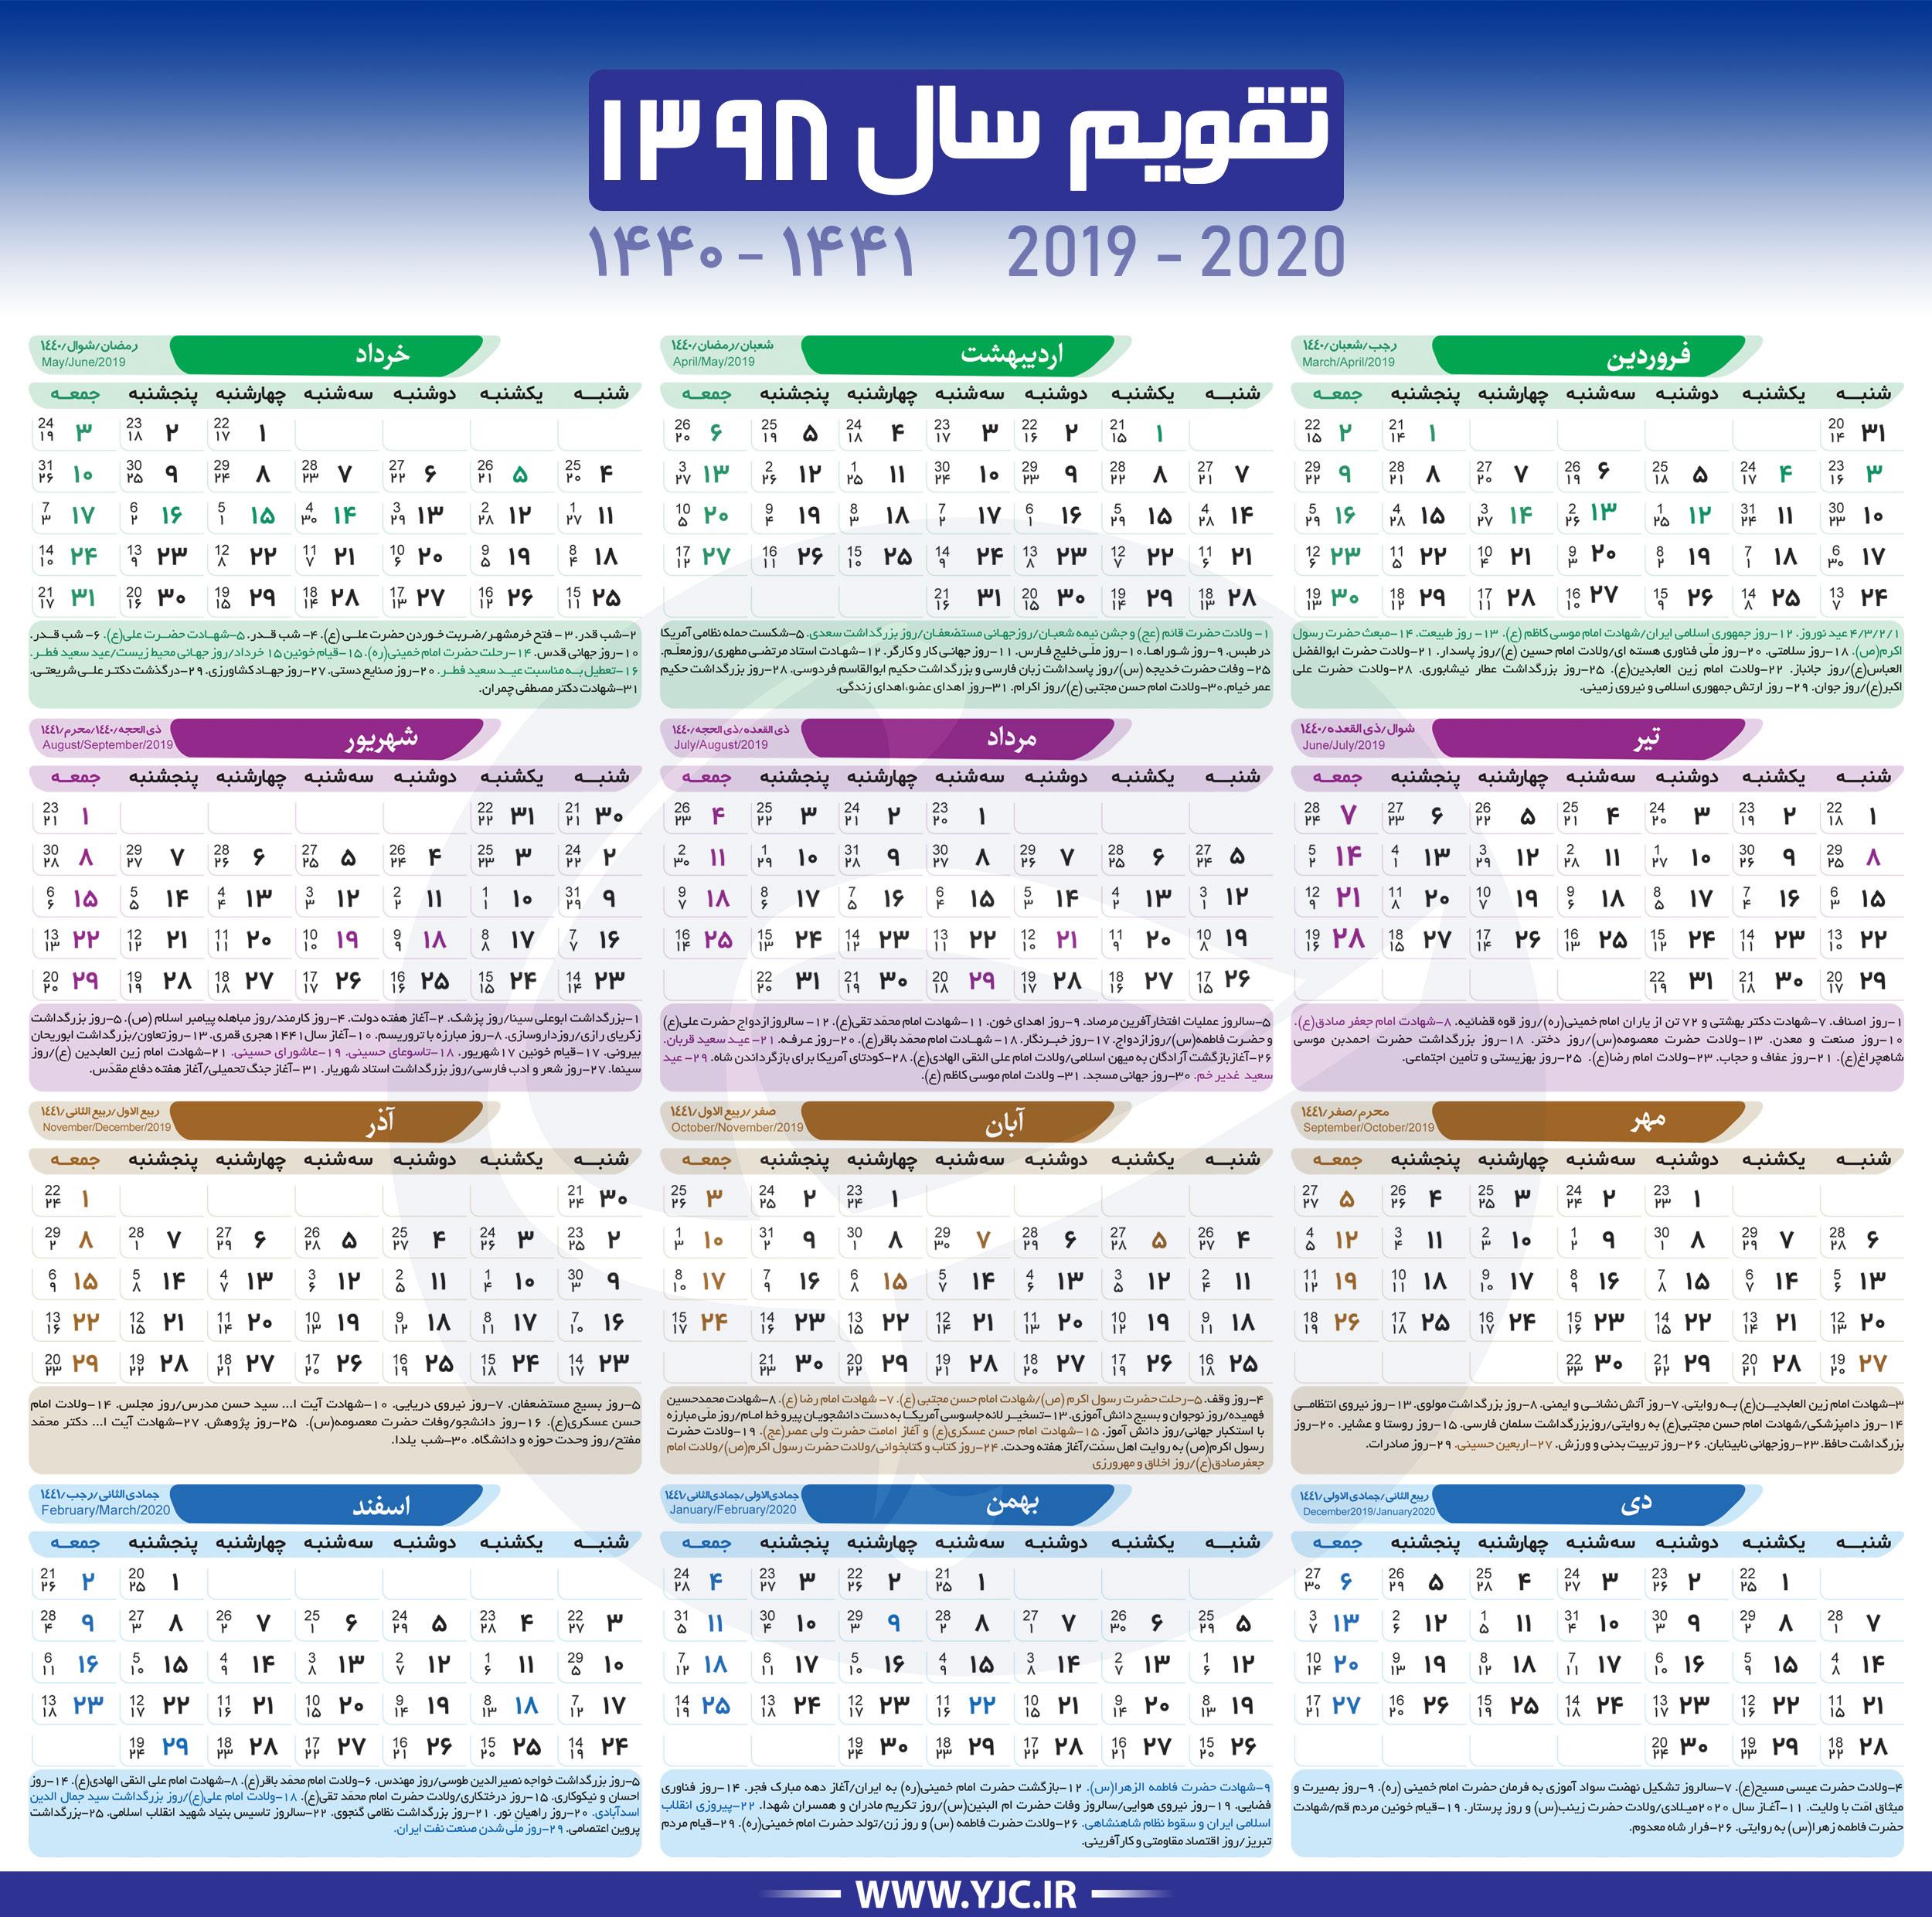 تقویم سال ۱۳۹۸ هجری شمسی +دانلود